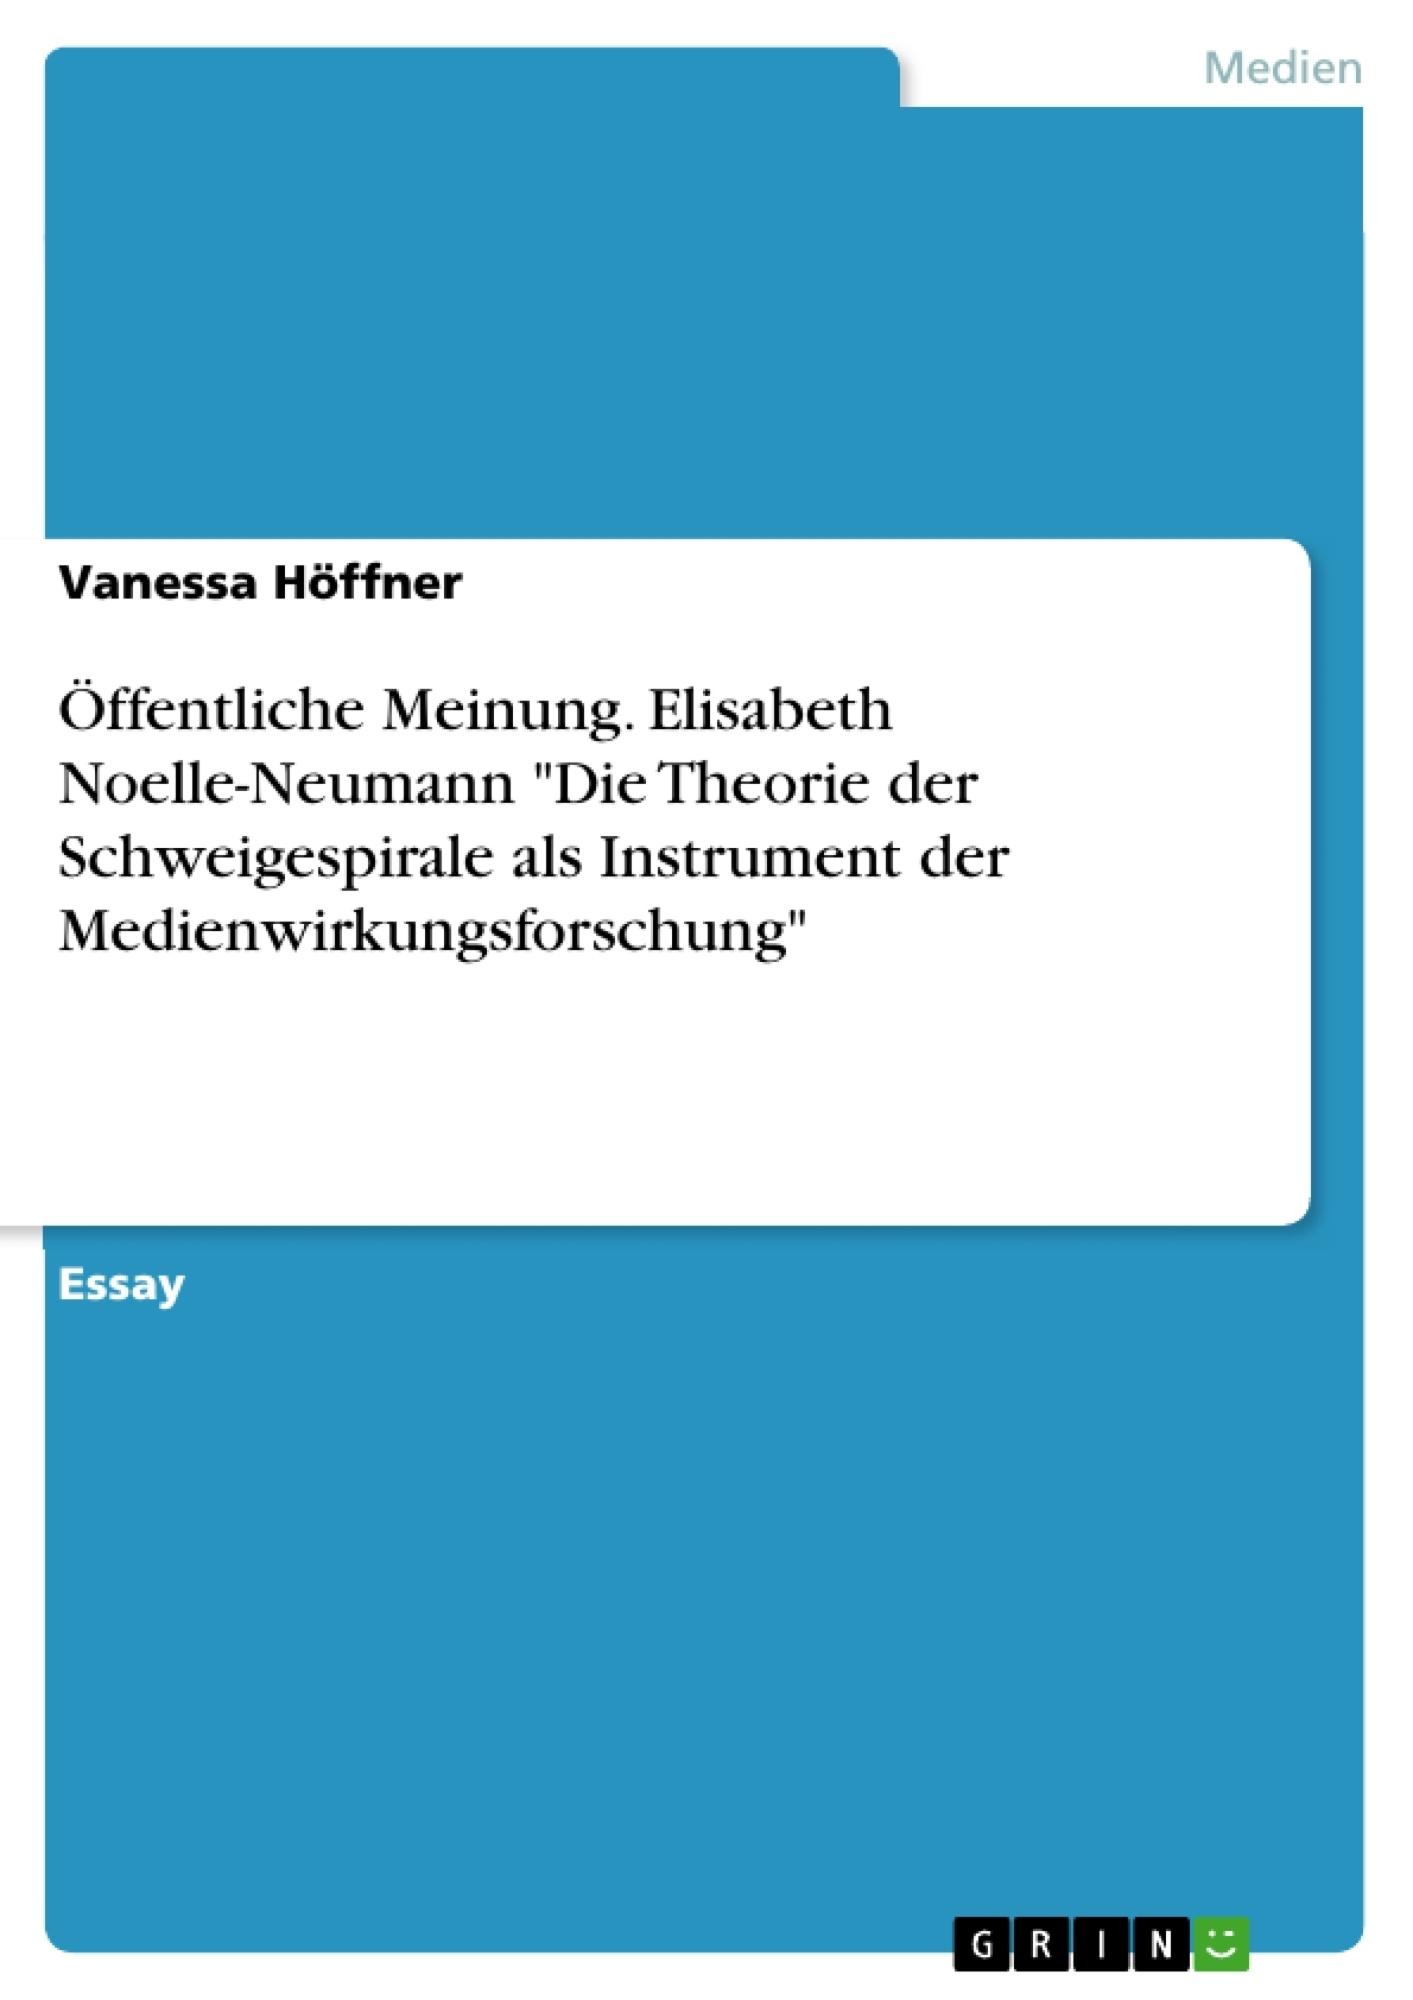 """Titel: Öffentliche Meinung. Elisabeth Noelle-Neumann """"Die Theorie der Schweigespirale als Instrument der Medienwirkungsforschung"""""""